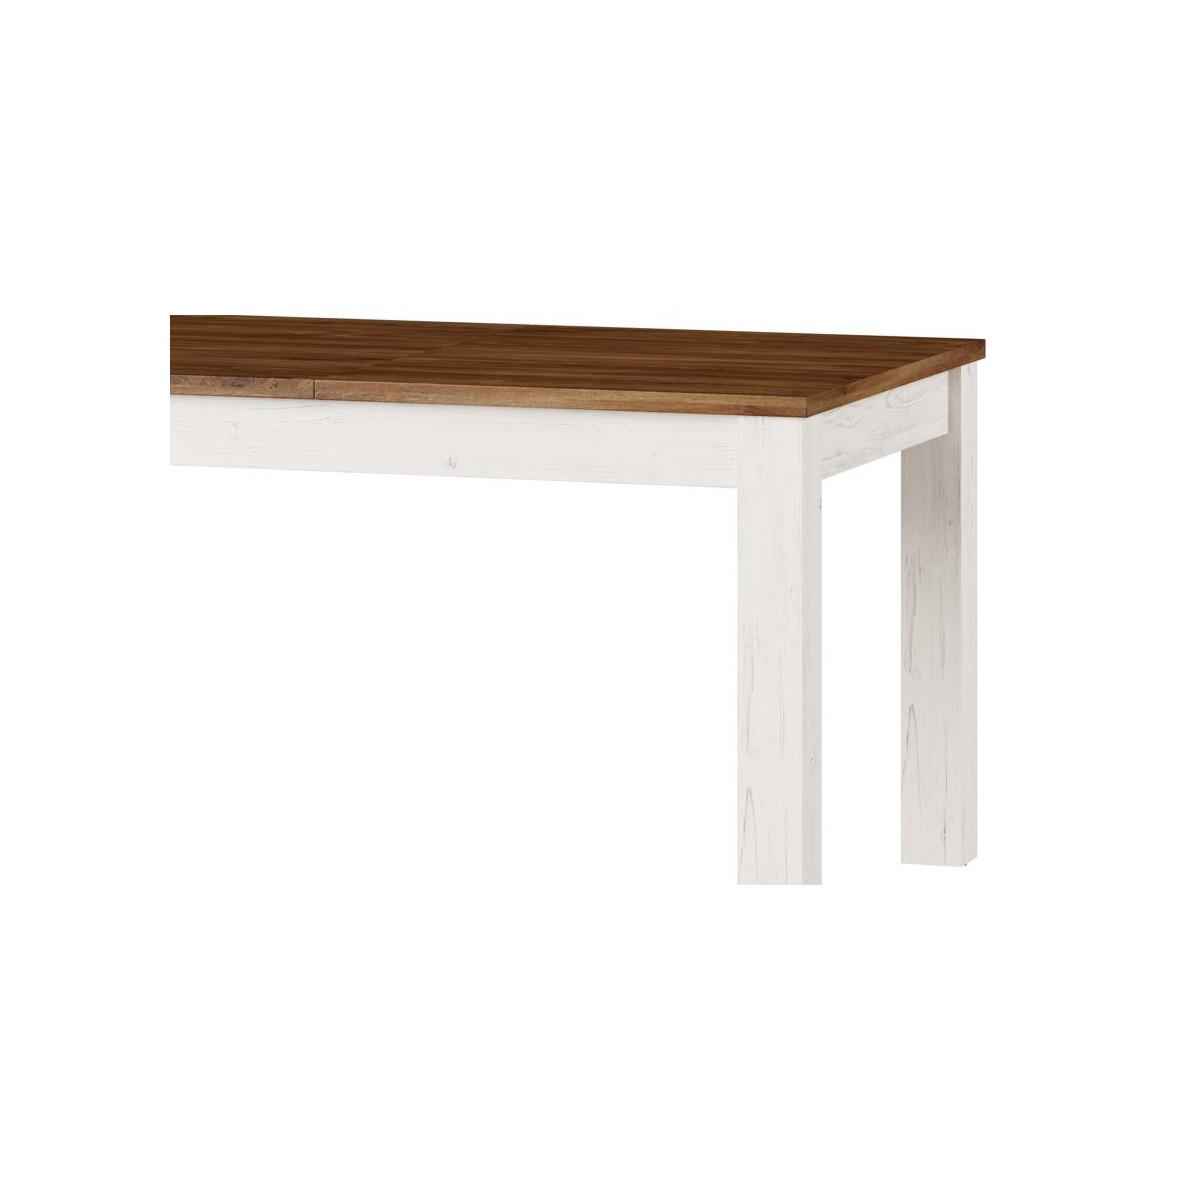 Stół rozkładany Country Typ 40